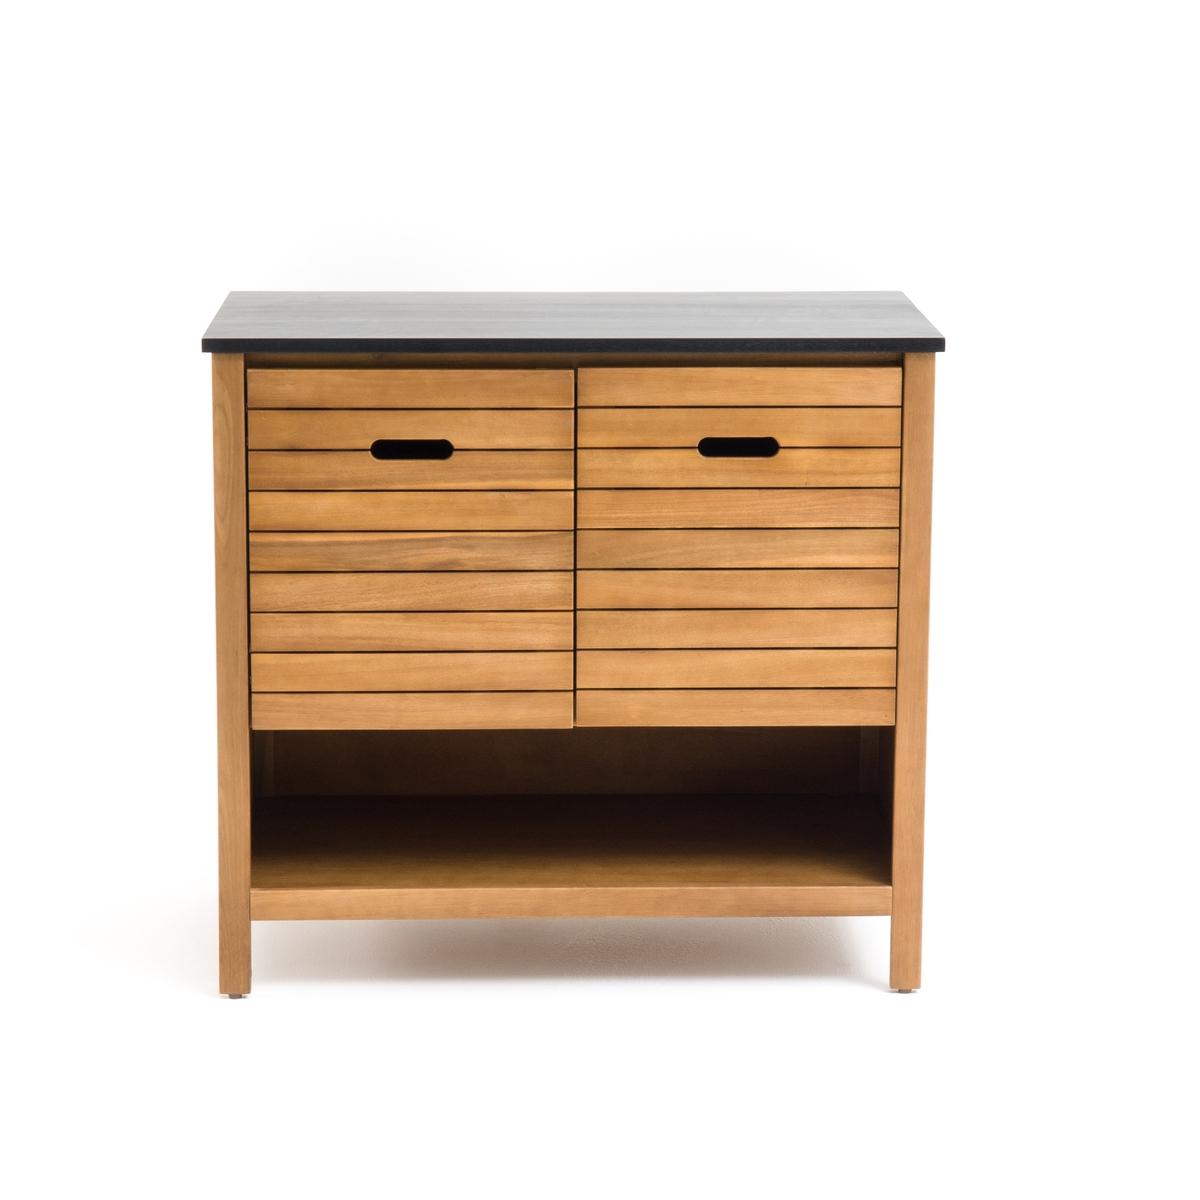 Мебель для ванной комнаты, 90 см, SATURNE